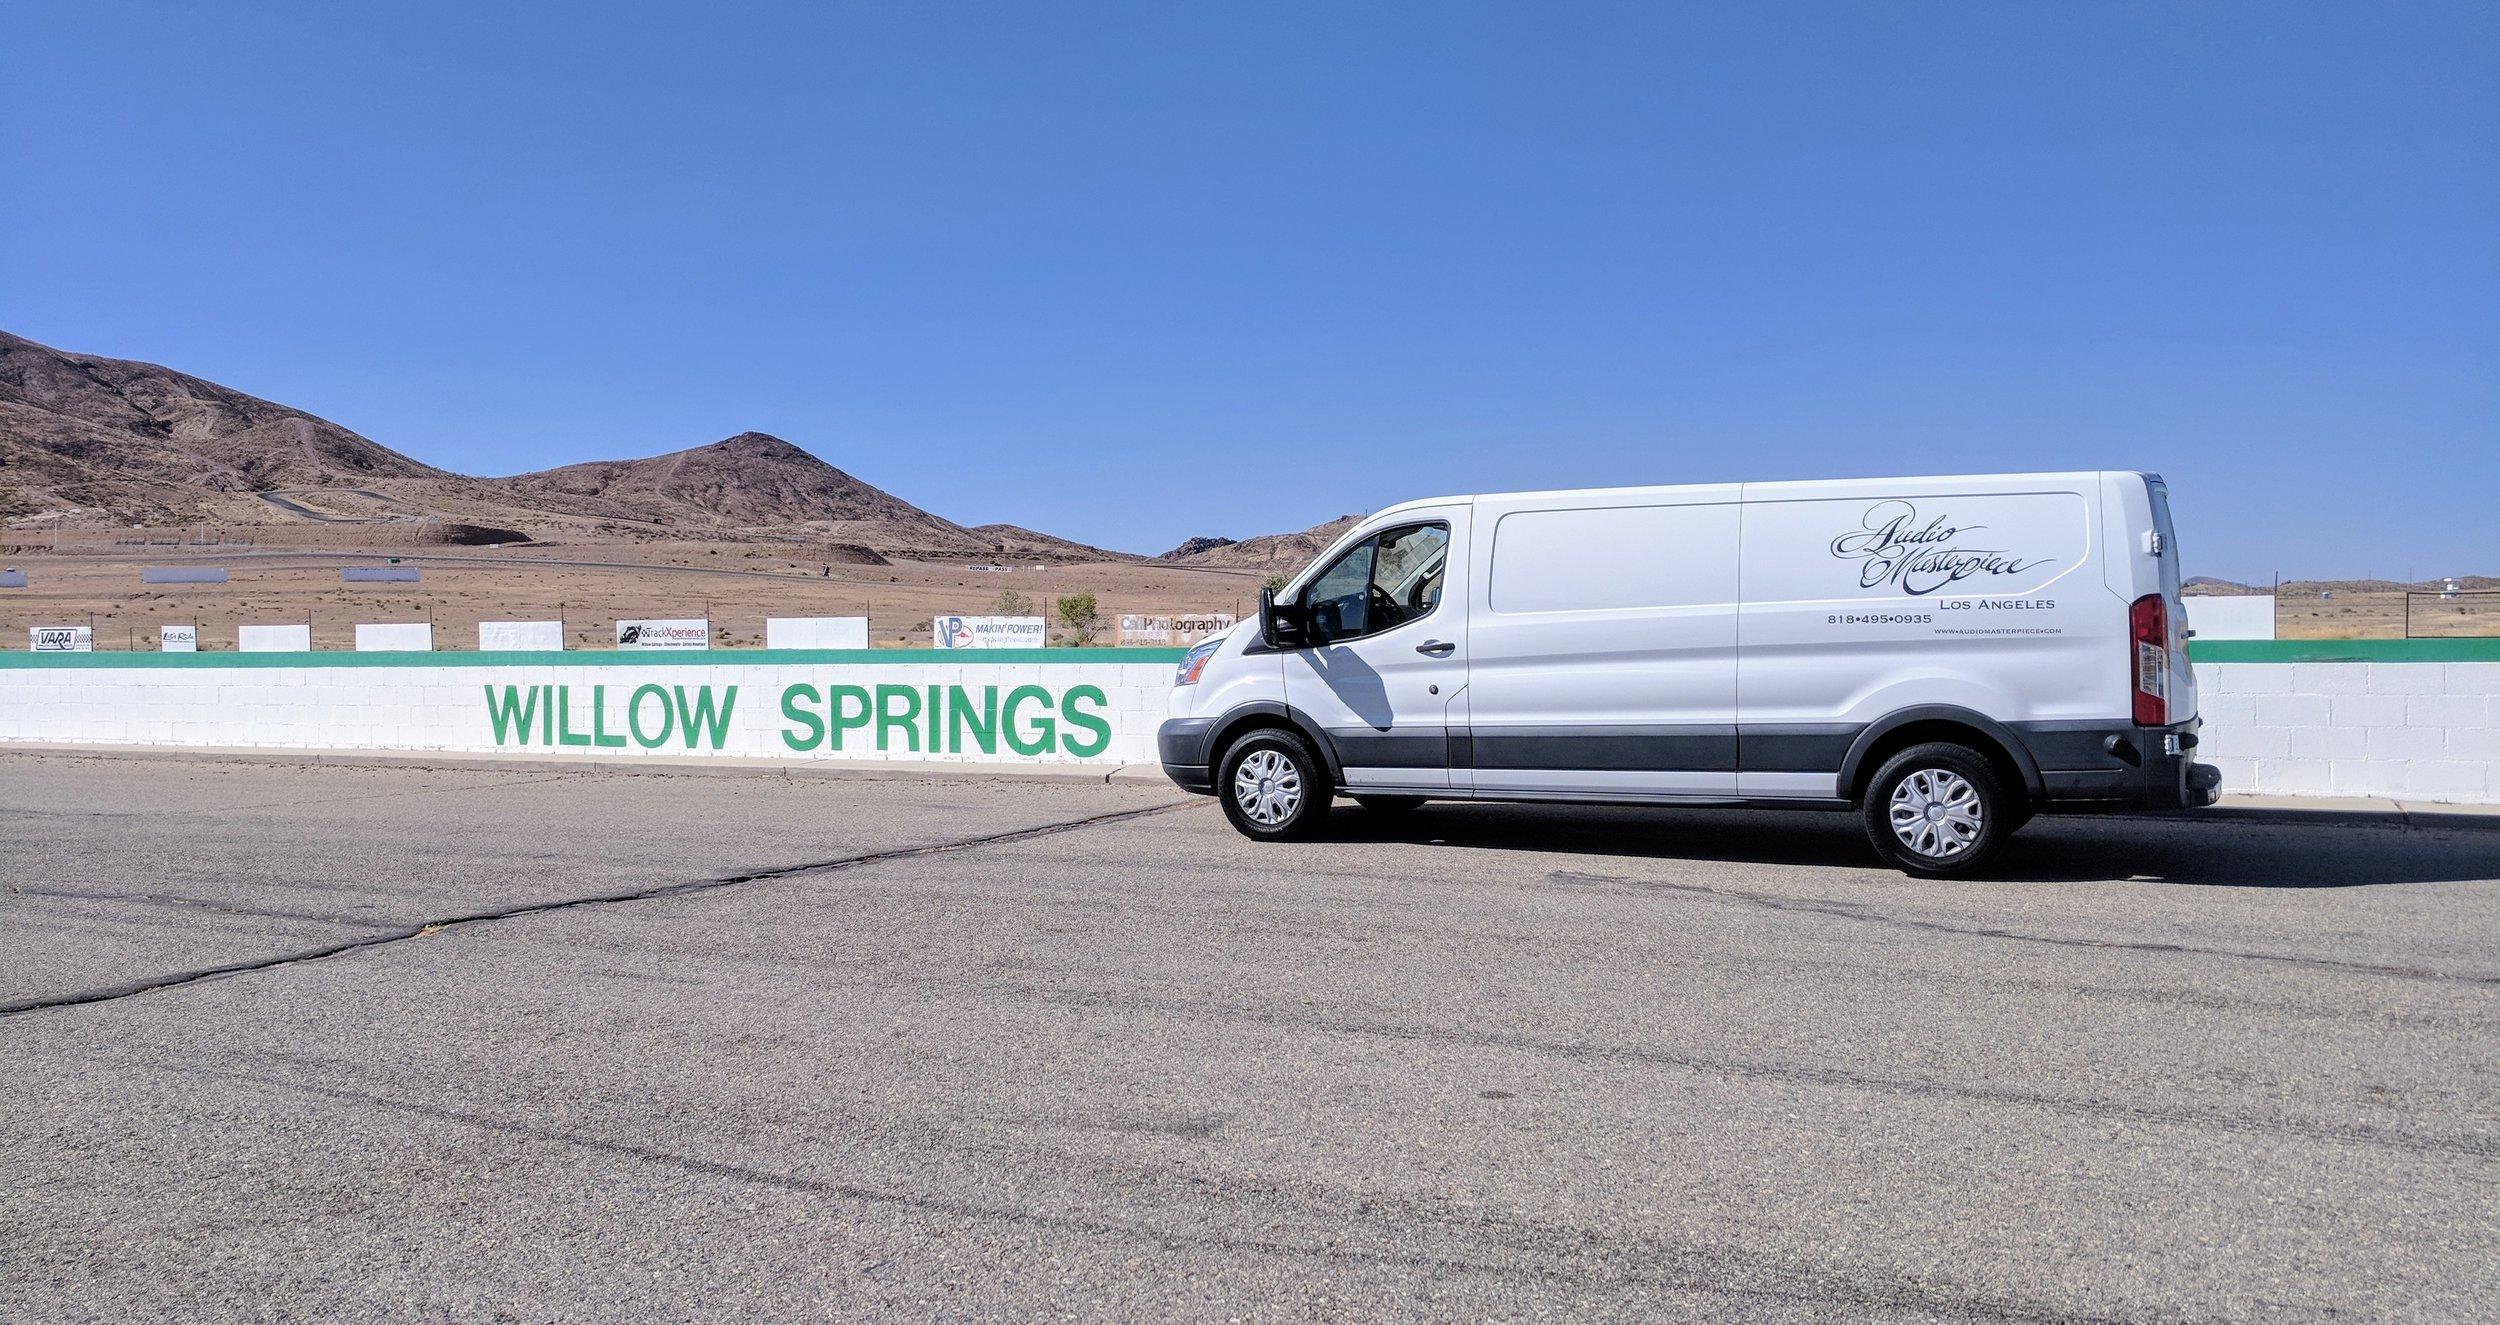 van_willow springs.jpg